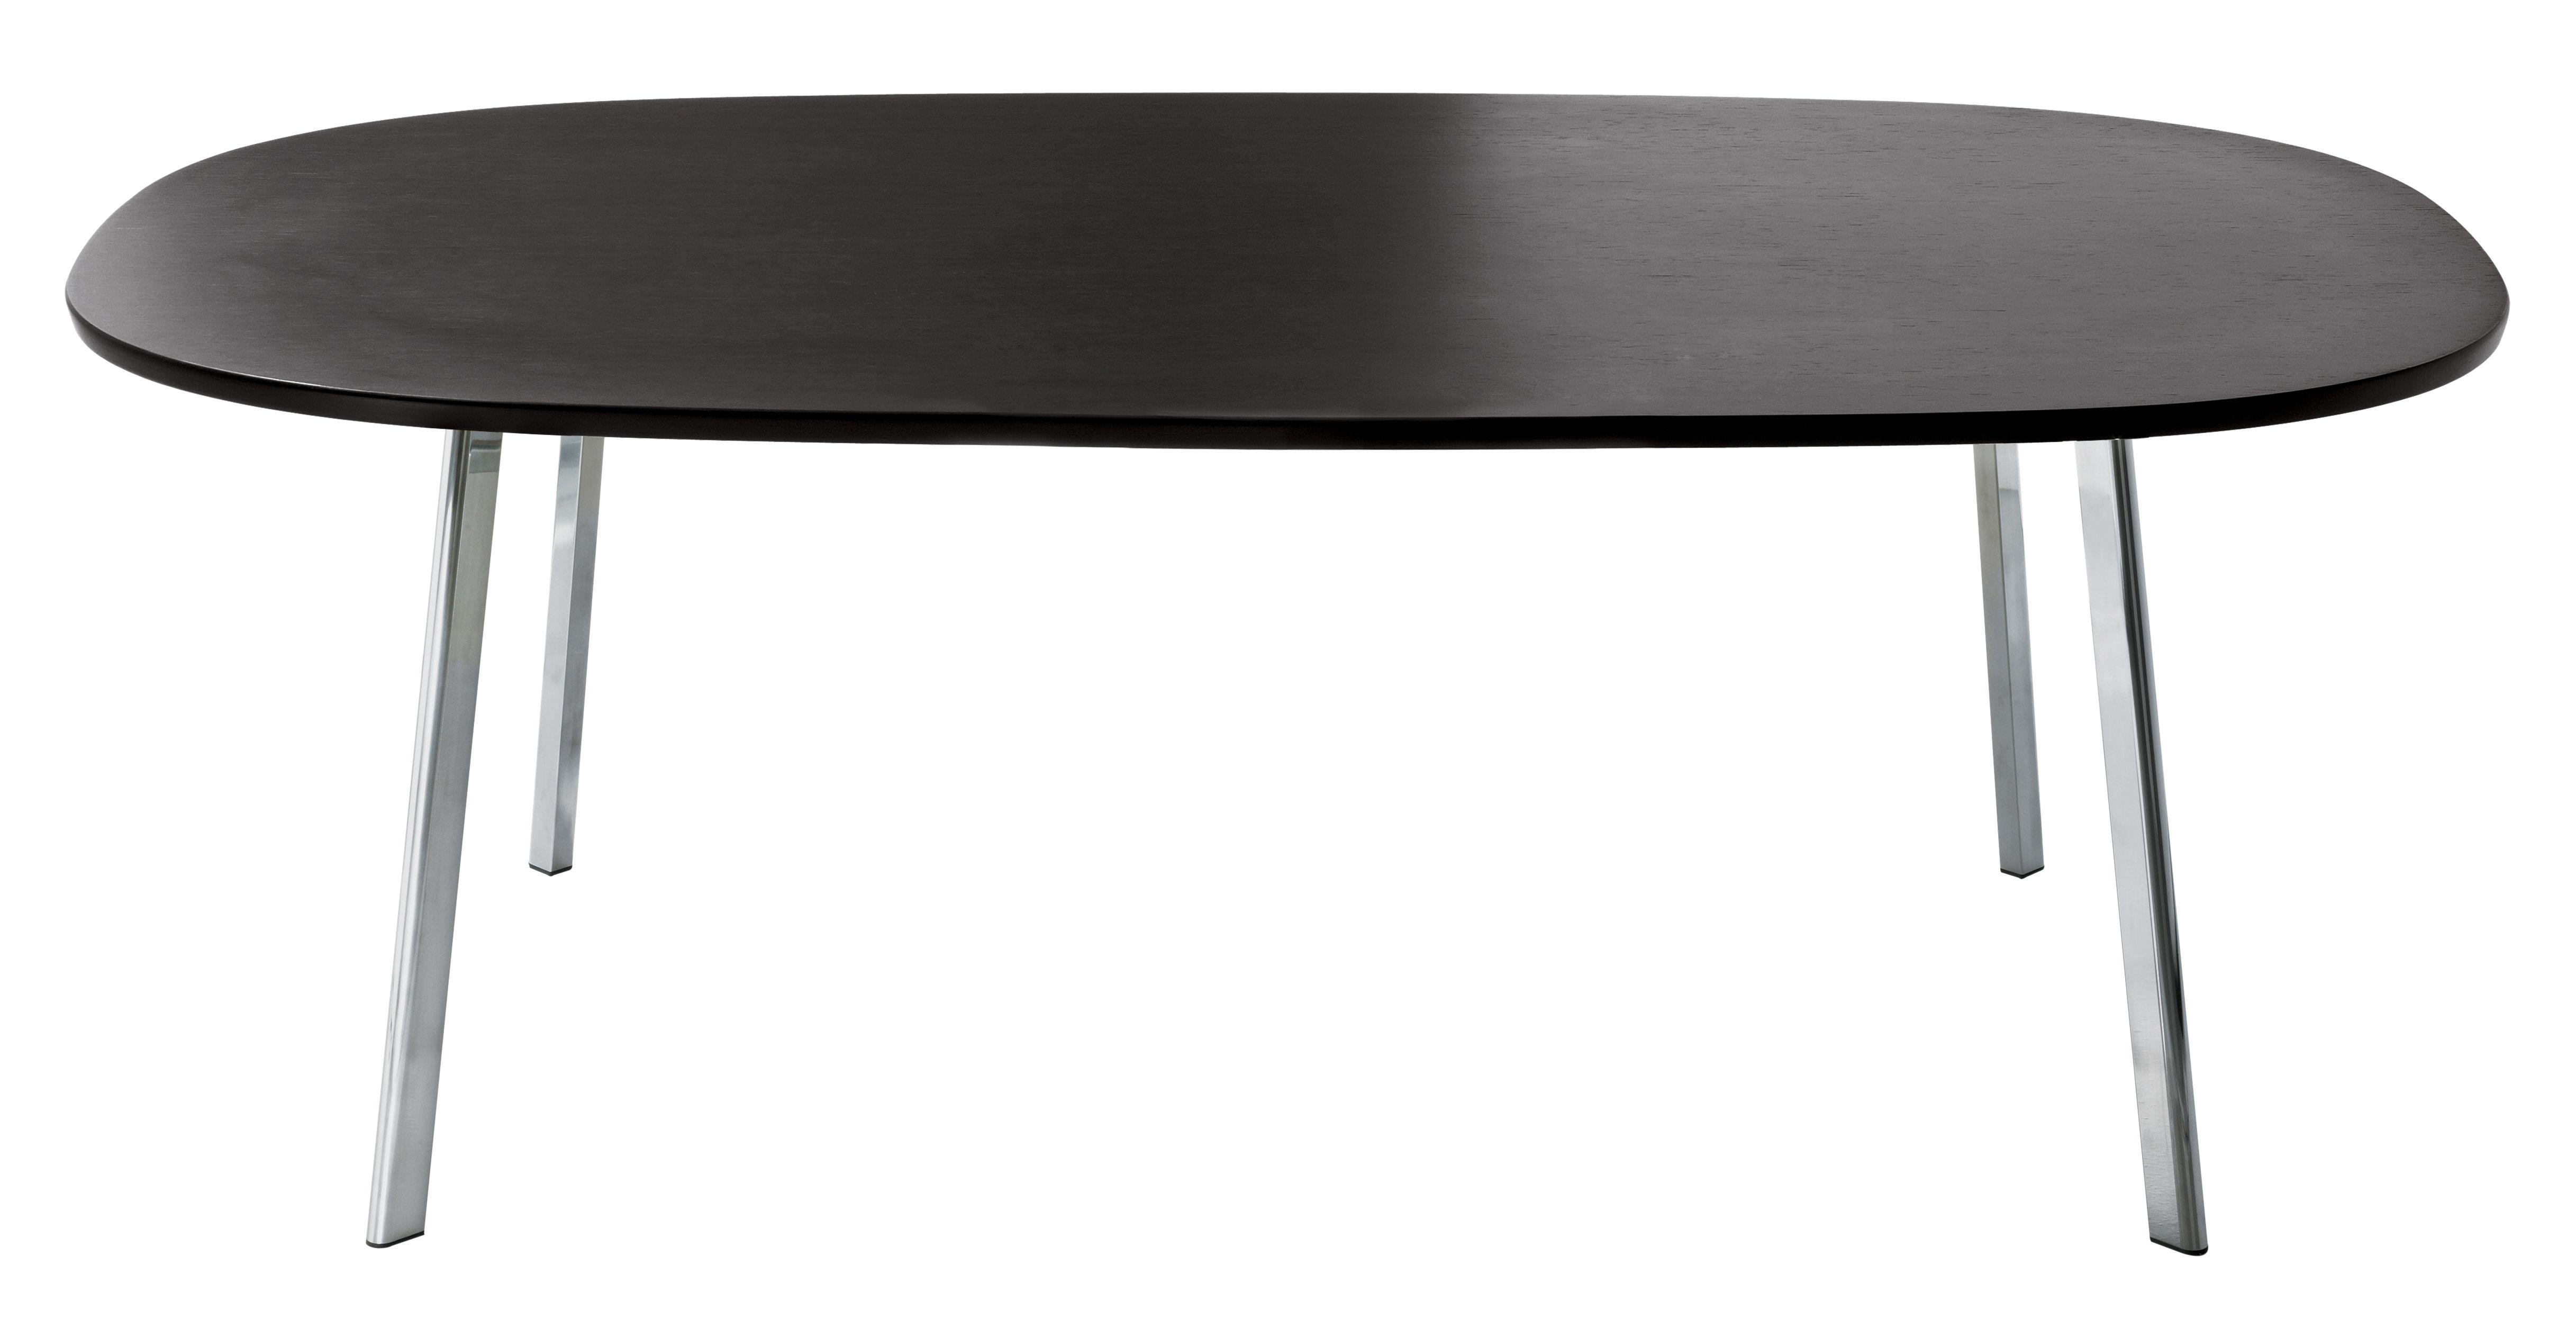 Mobilier - Tables - Table rectangulaire Déjà-vu / 200 x 120 cm - Magis - Plateau wengé / Pieds chromés - Aluminium poli, MDF plaqué chêne teinté